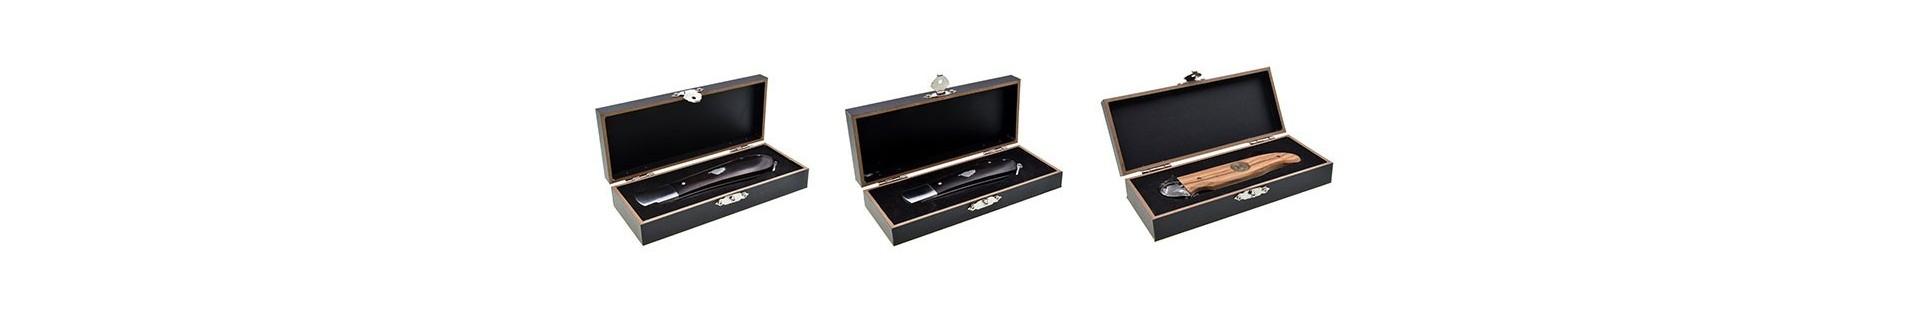 Couteaux by Zuria, achat de couteaux designés en Corse